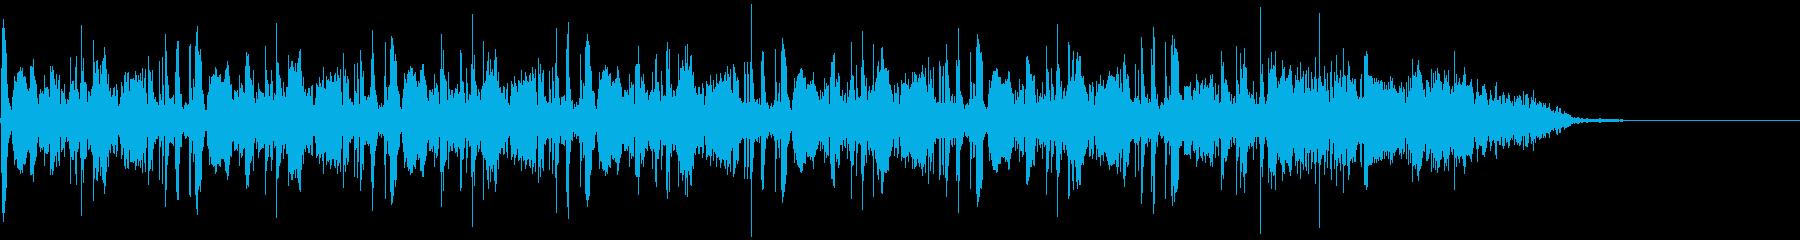 シンキングタイムなどにの再生済みの波形